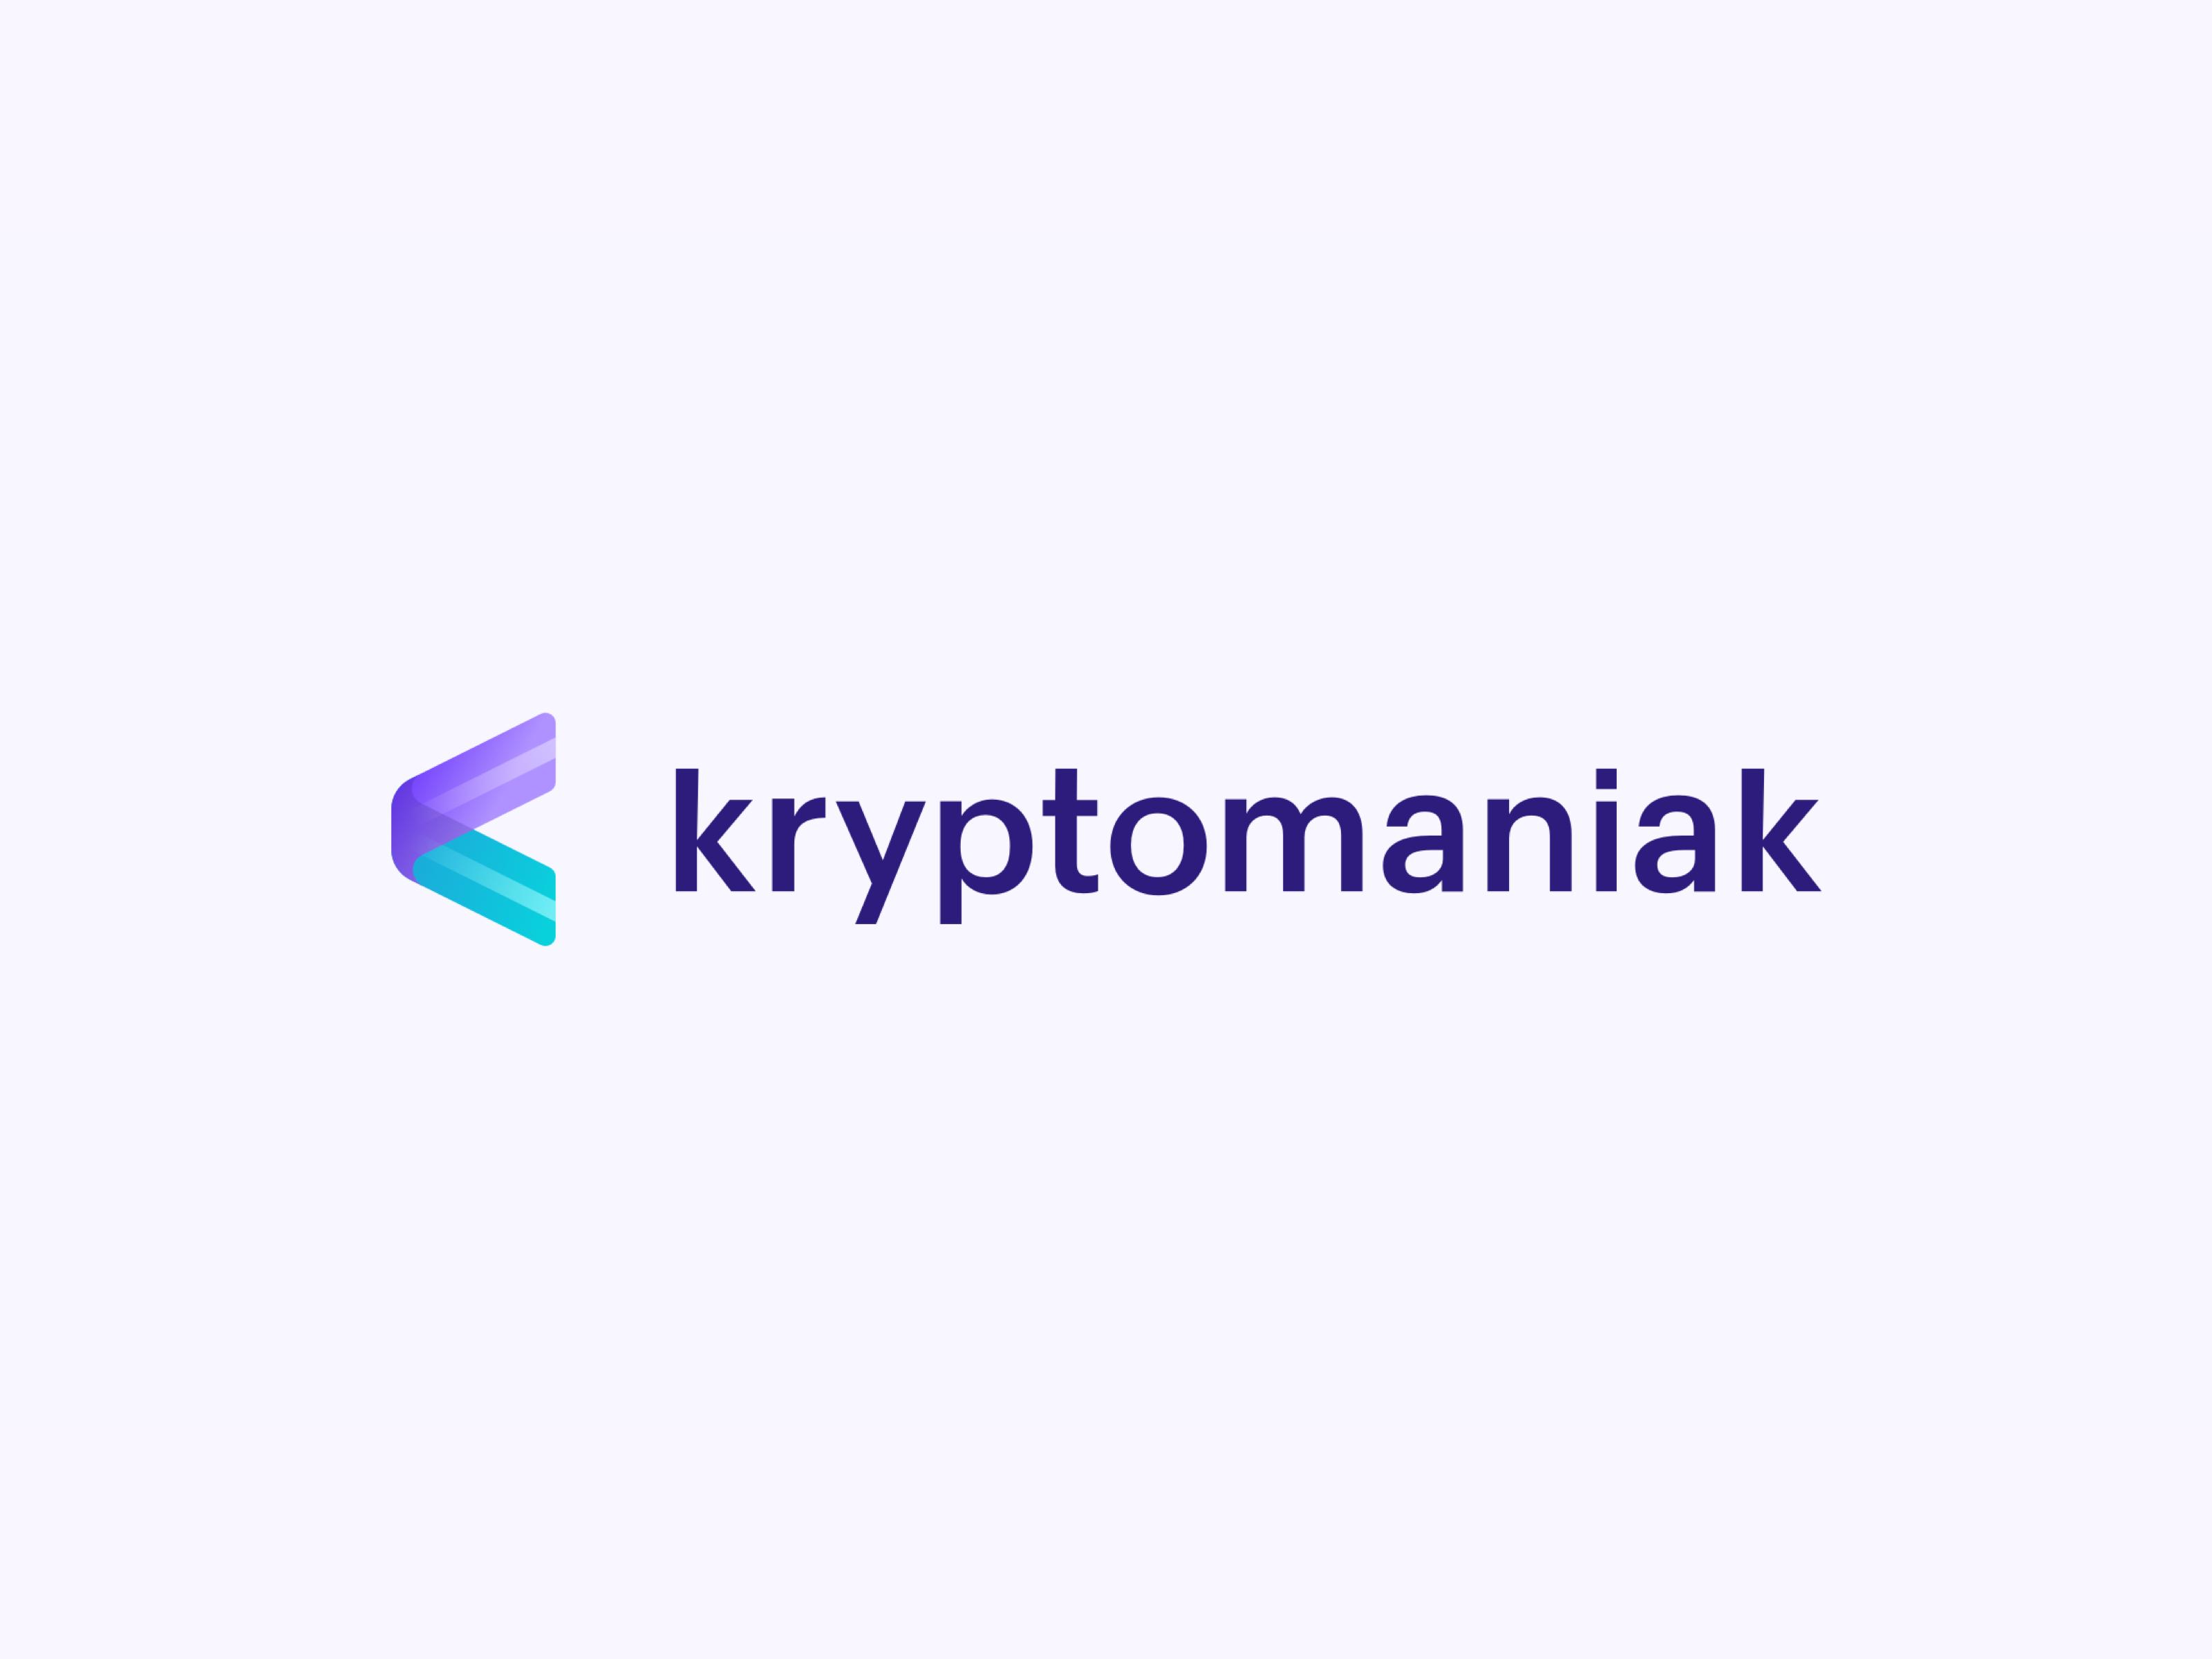 KRYPTOMANIAK.PL